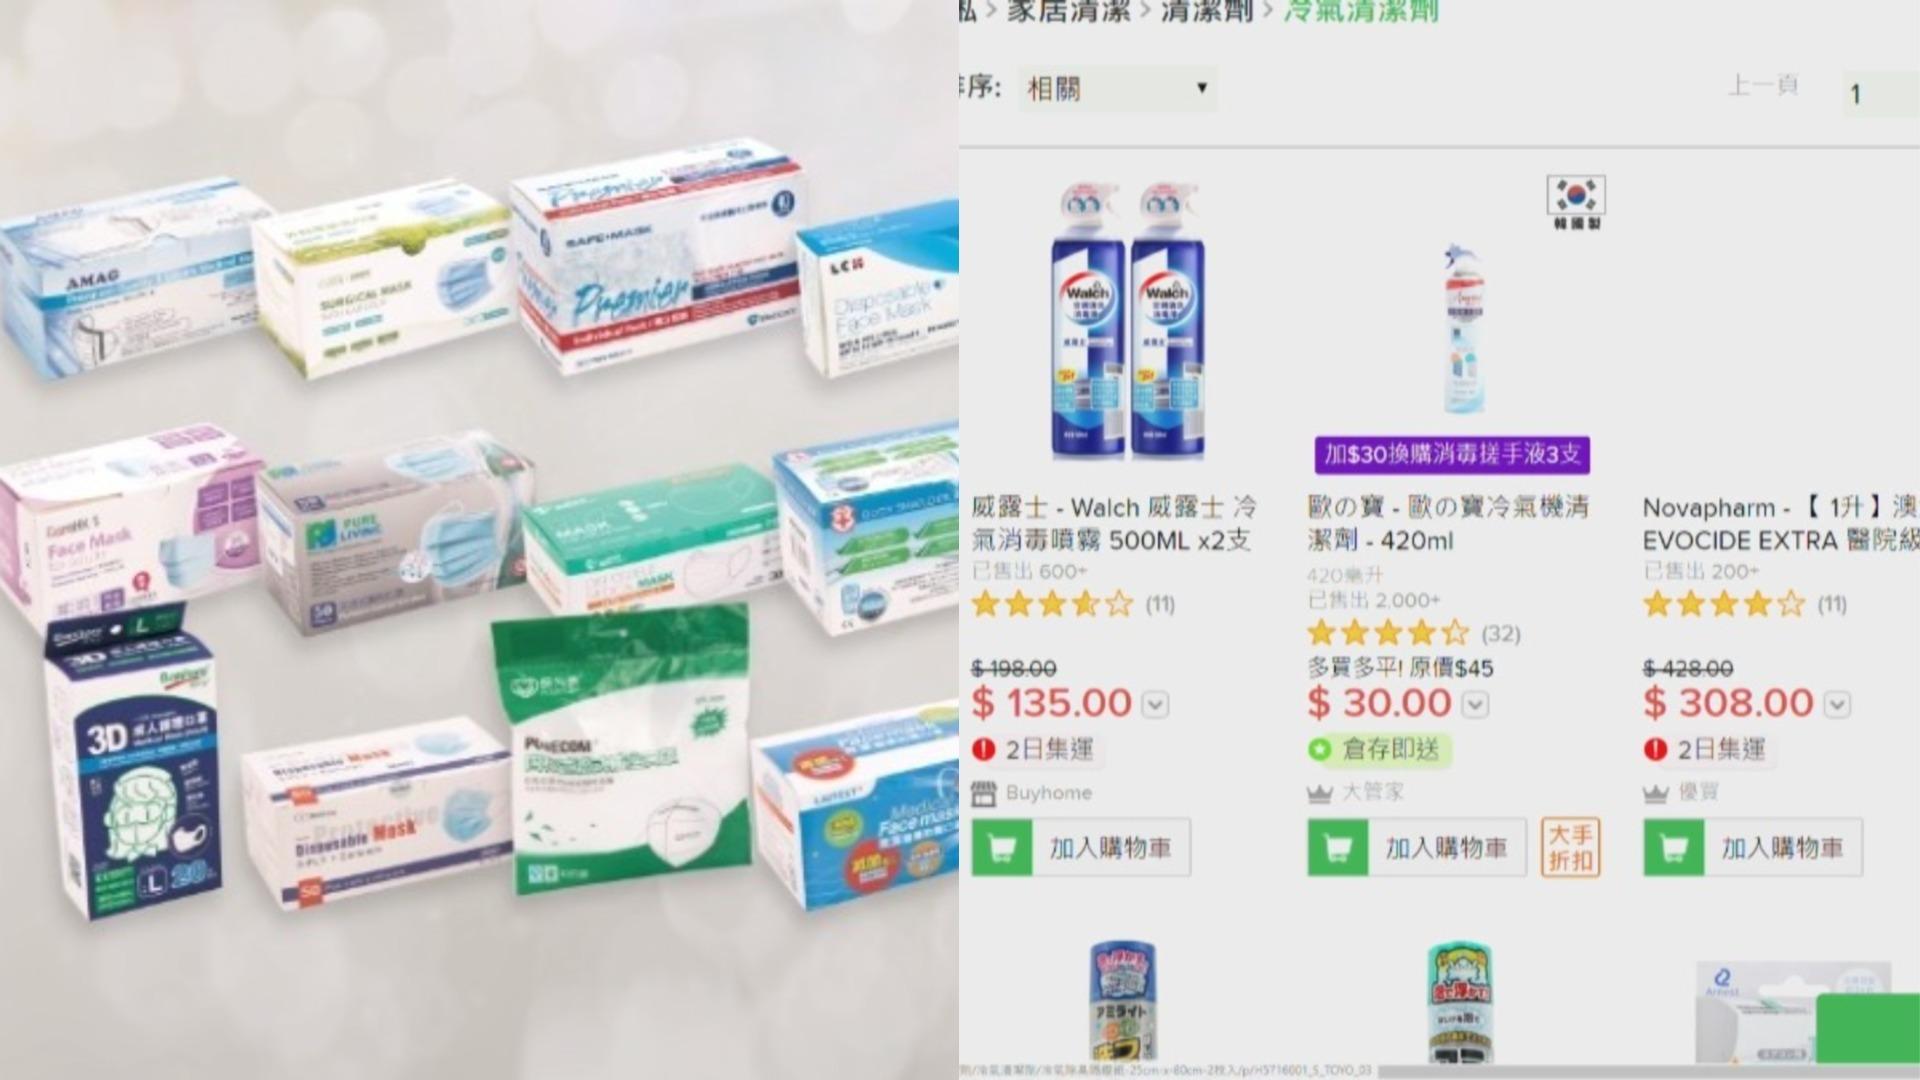 【一文睇晒消委會報告】29款口罩達ASTM一級標準 「保為康」含菌量過高;實測5間網上超市 最差遲16日送貨